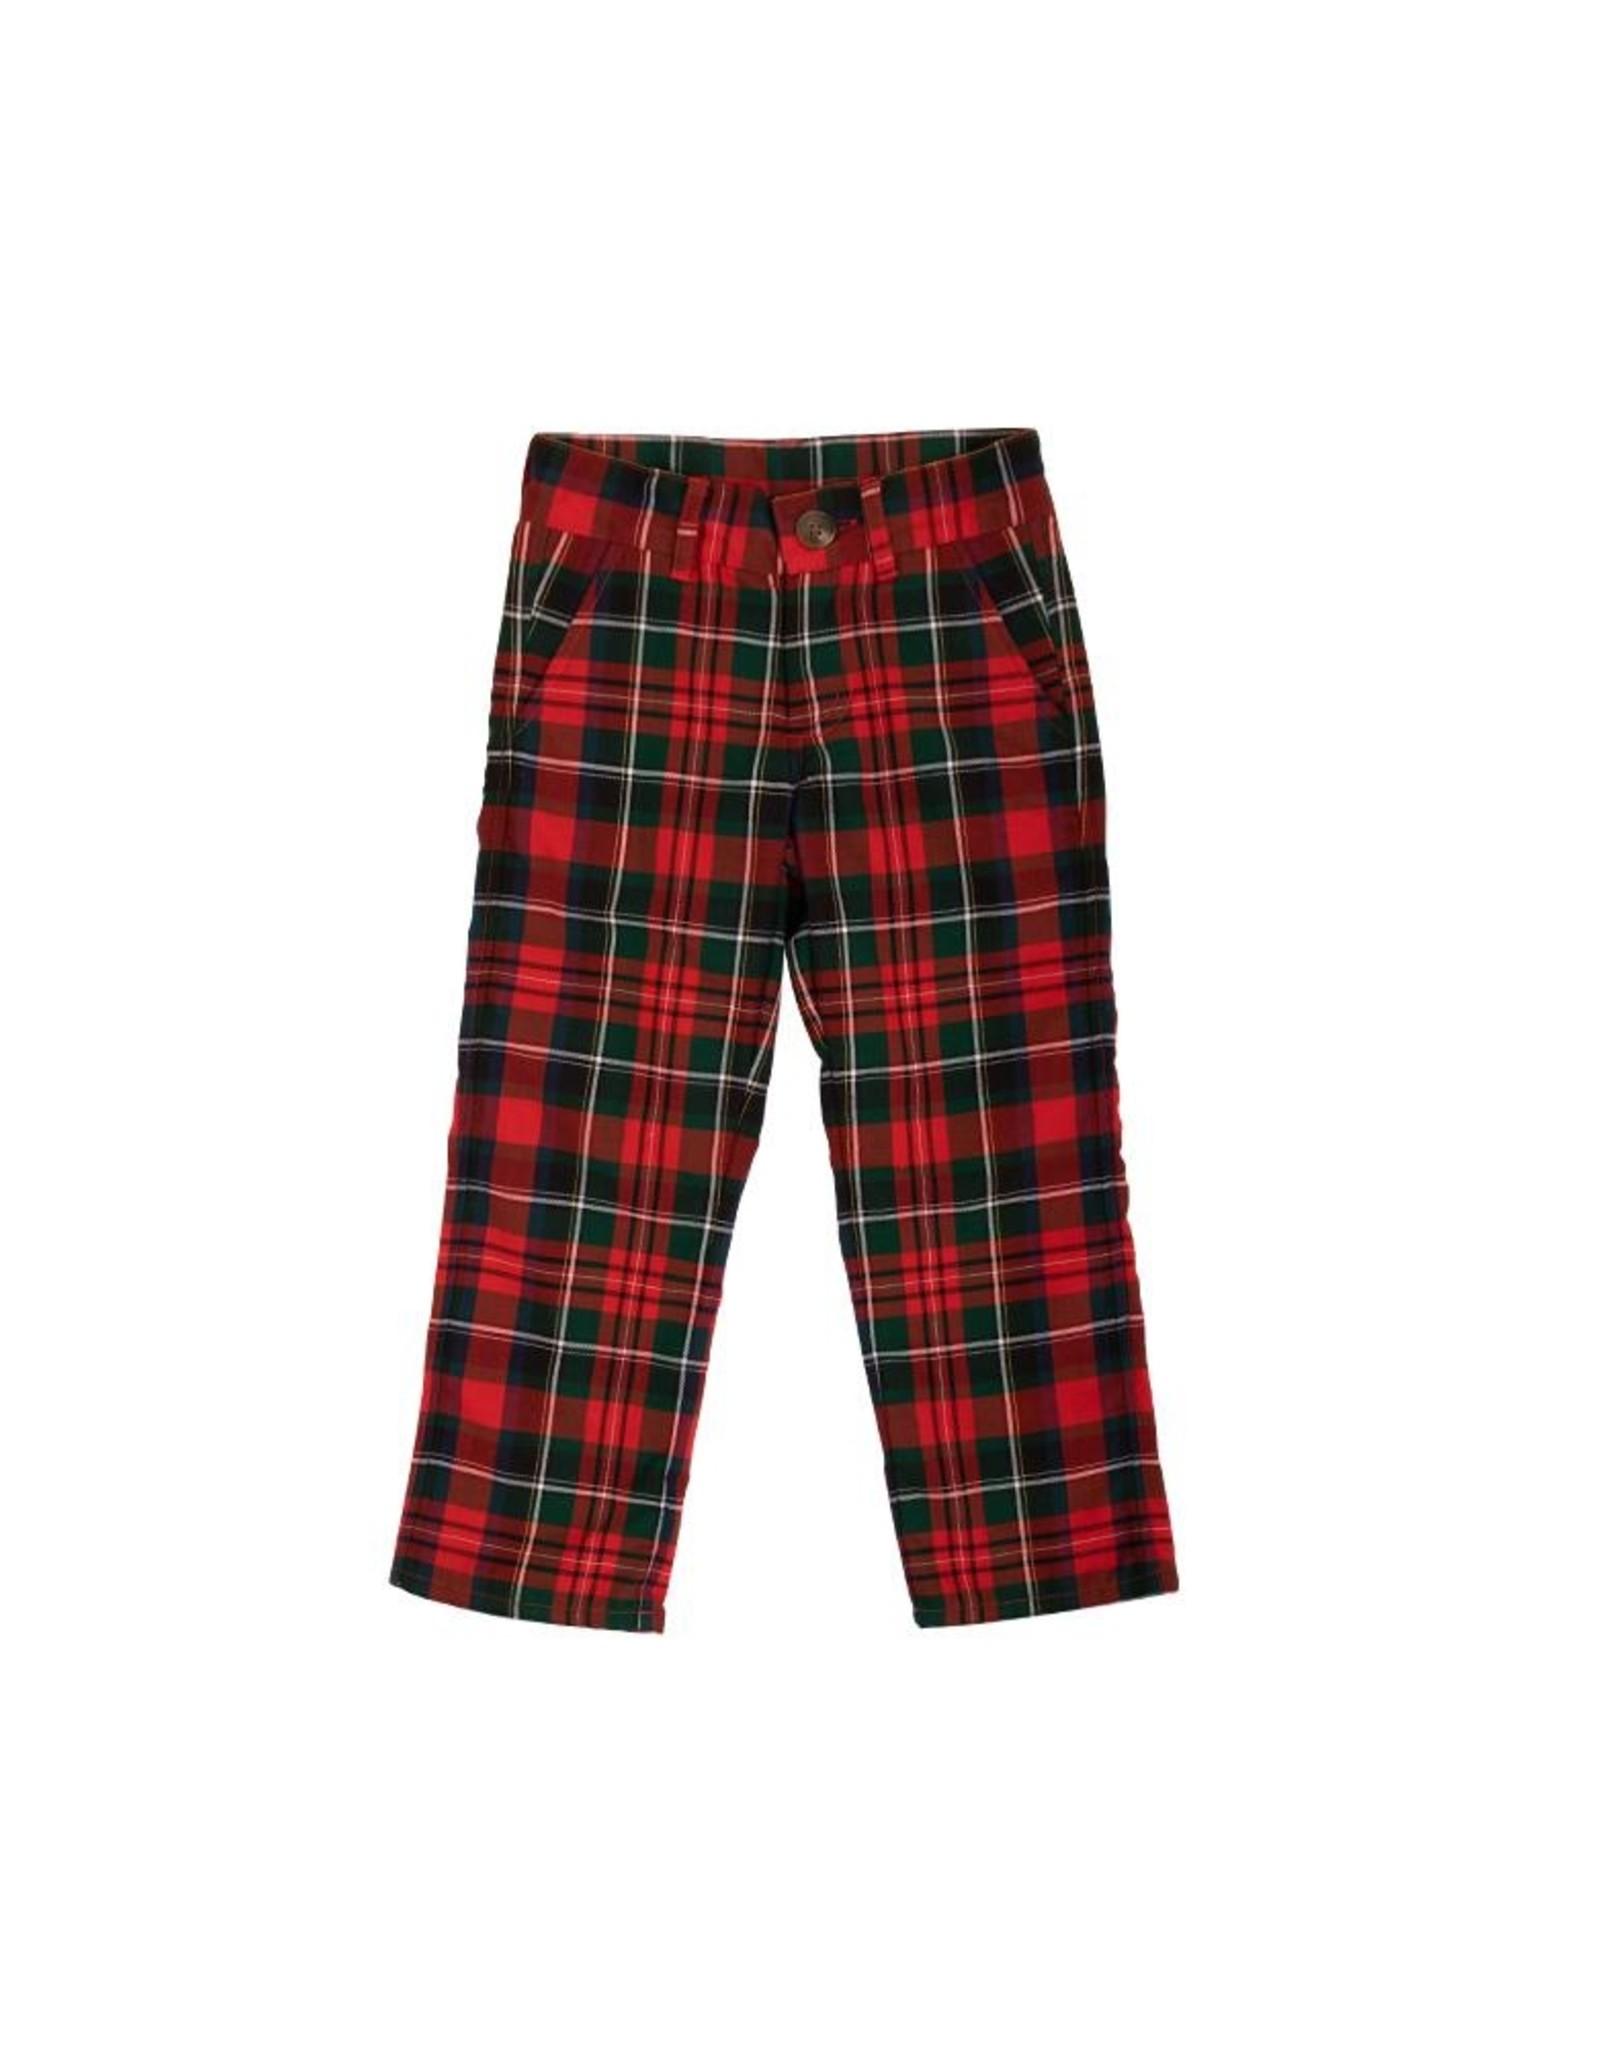 The Beaufort Bonnet Company Prep School Pants